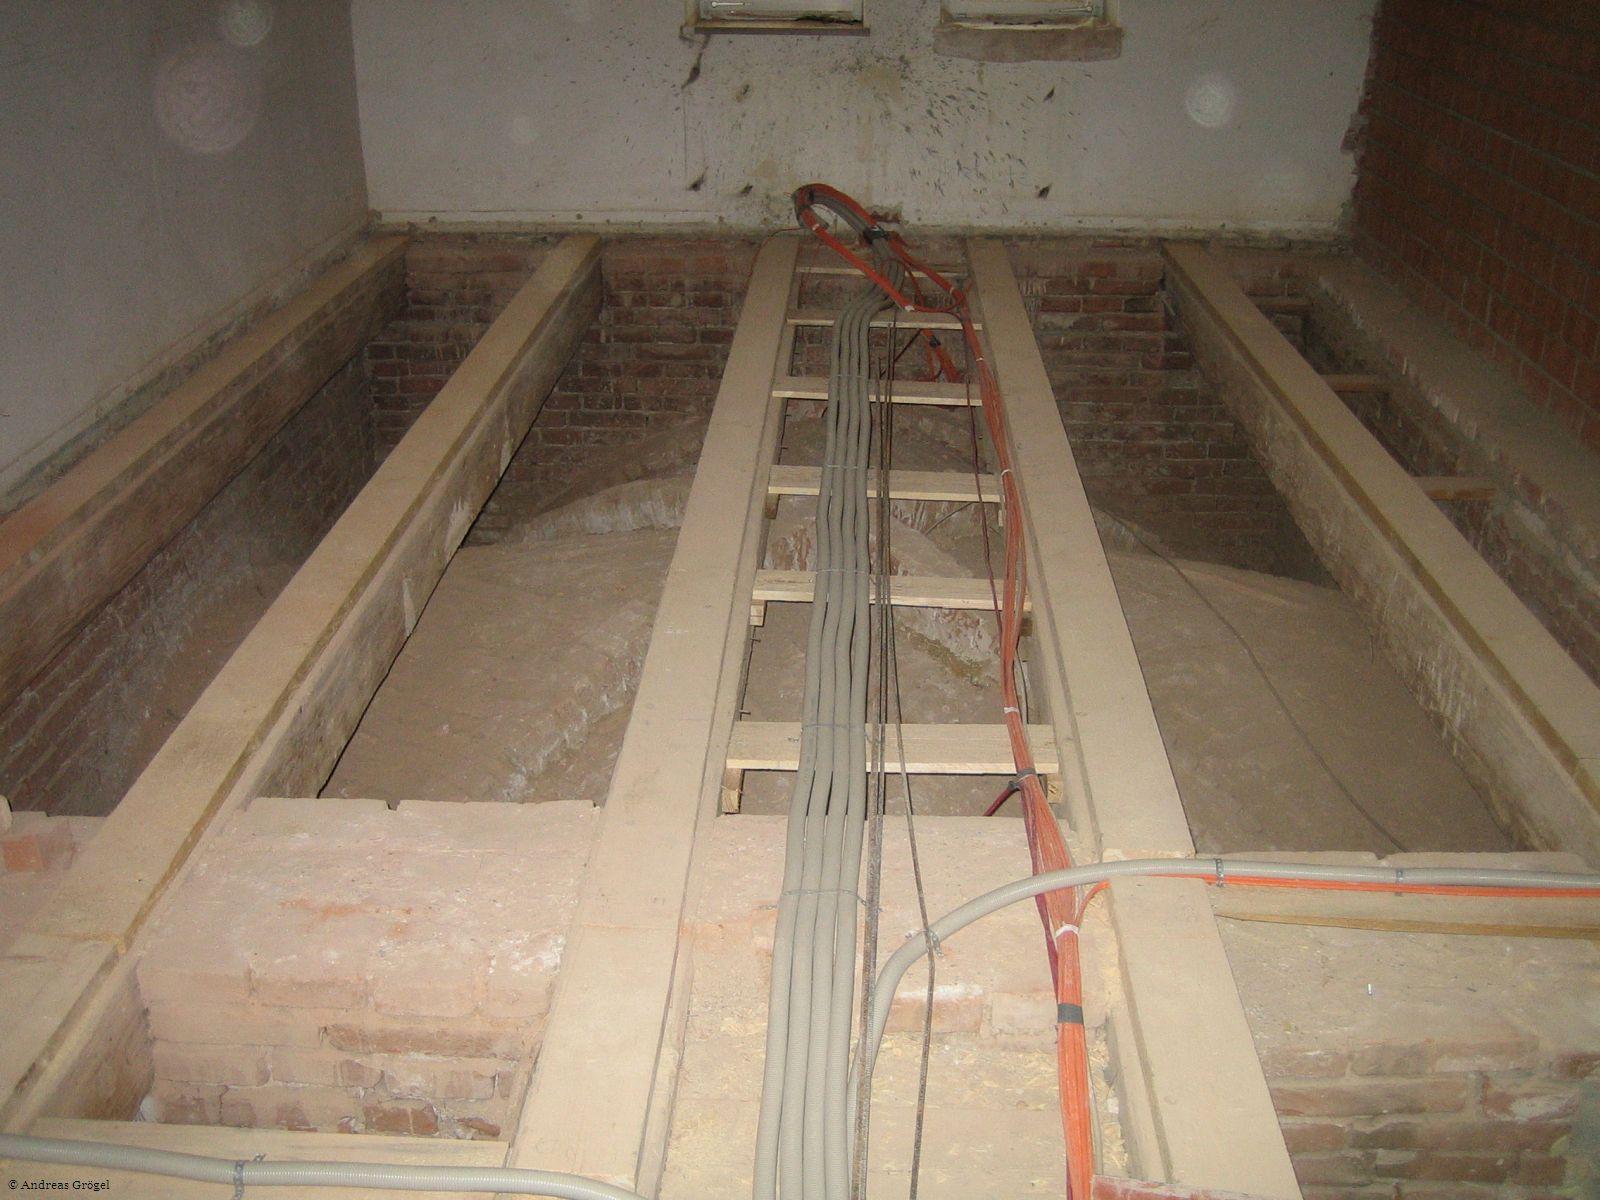 Rathaus-Baustelle Gewölbe von oben